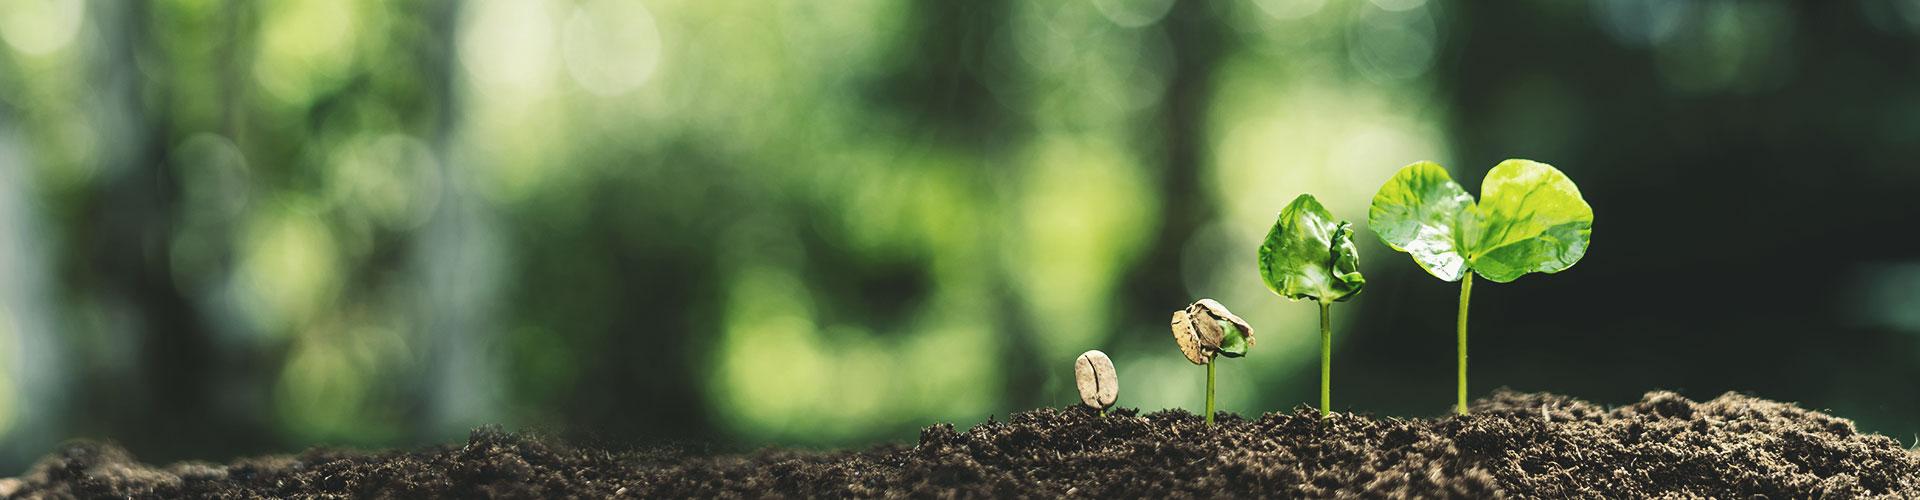 Eine kleine Pflanze wächst aus dem Boden